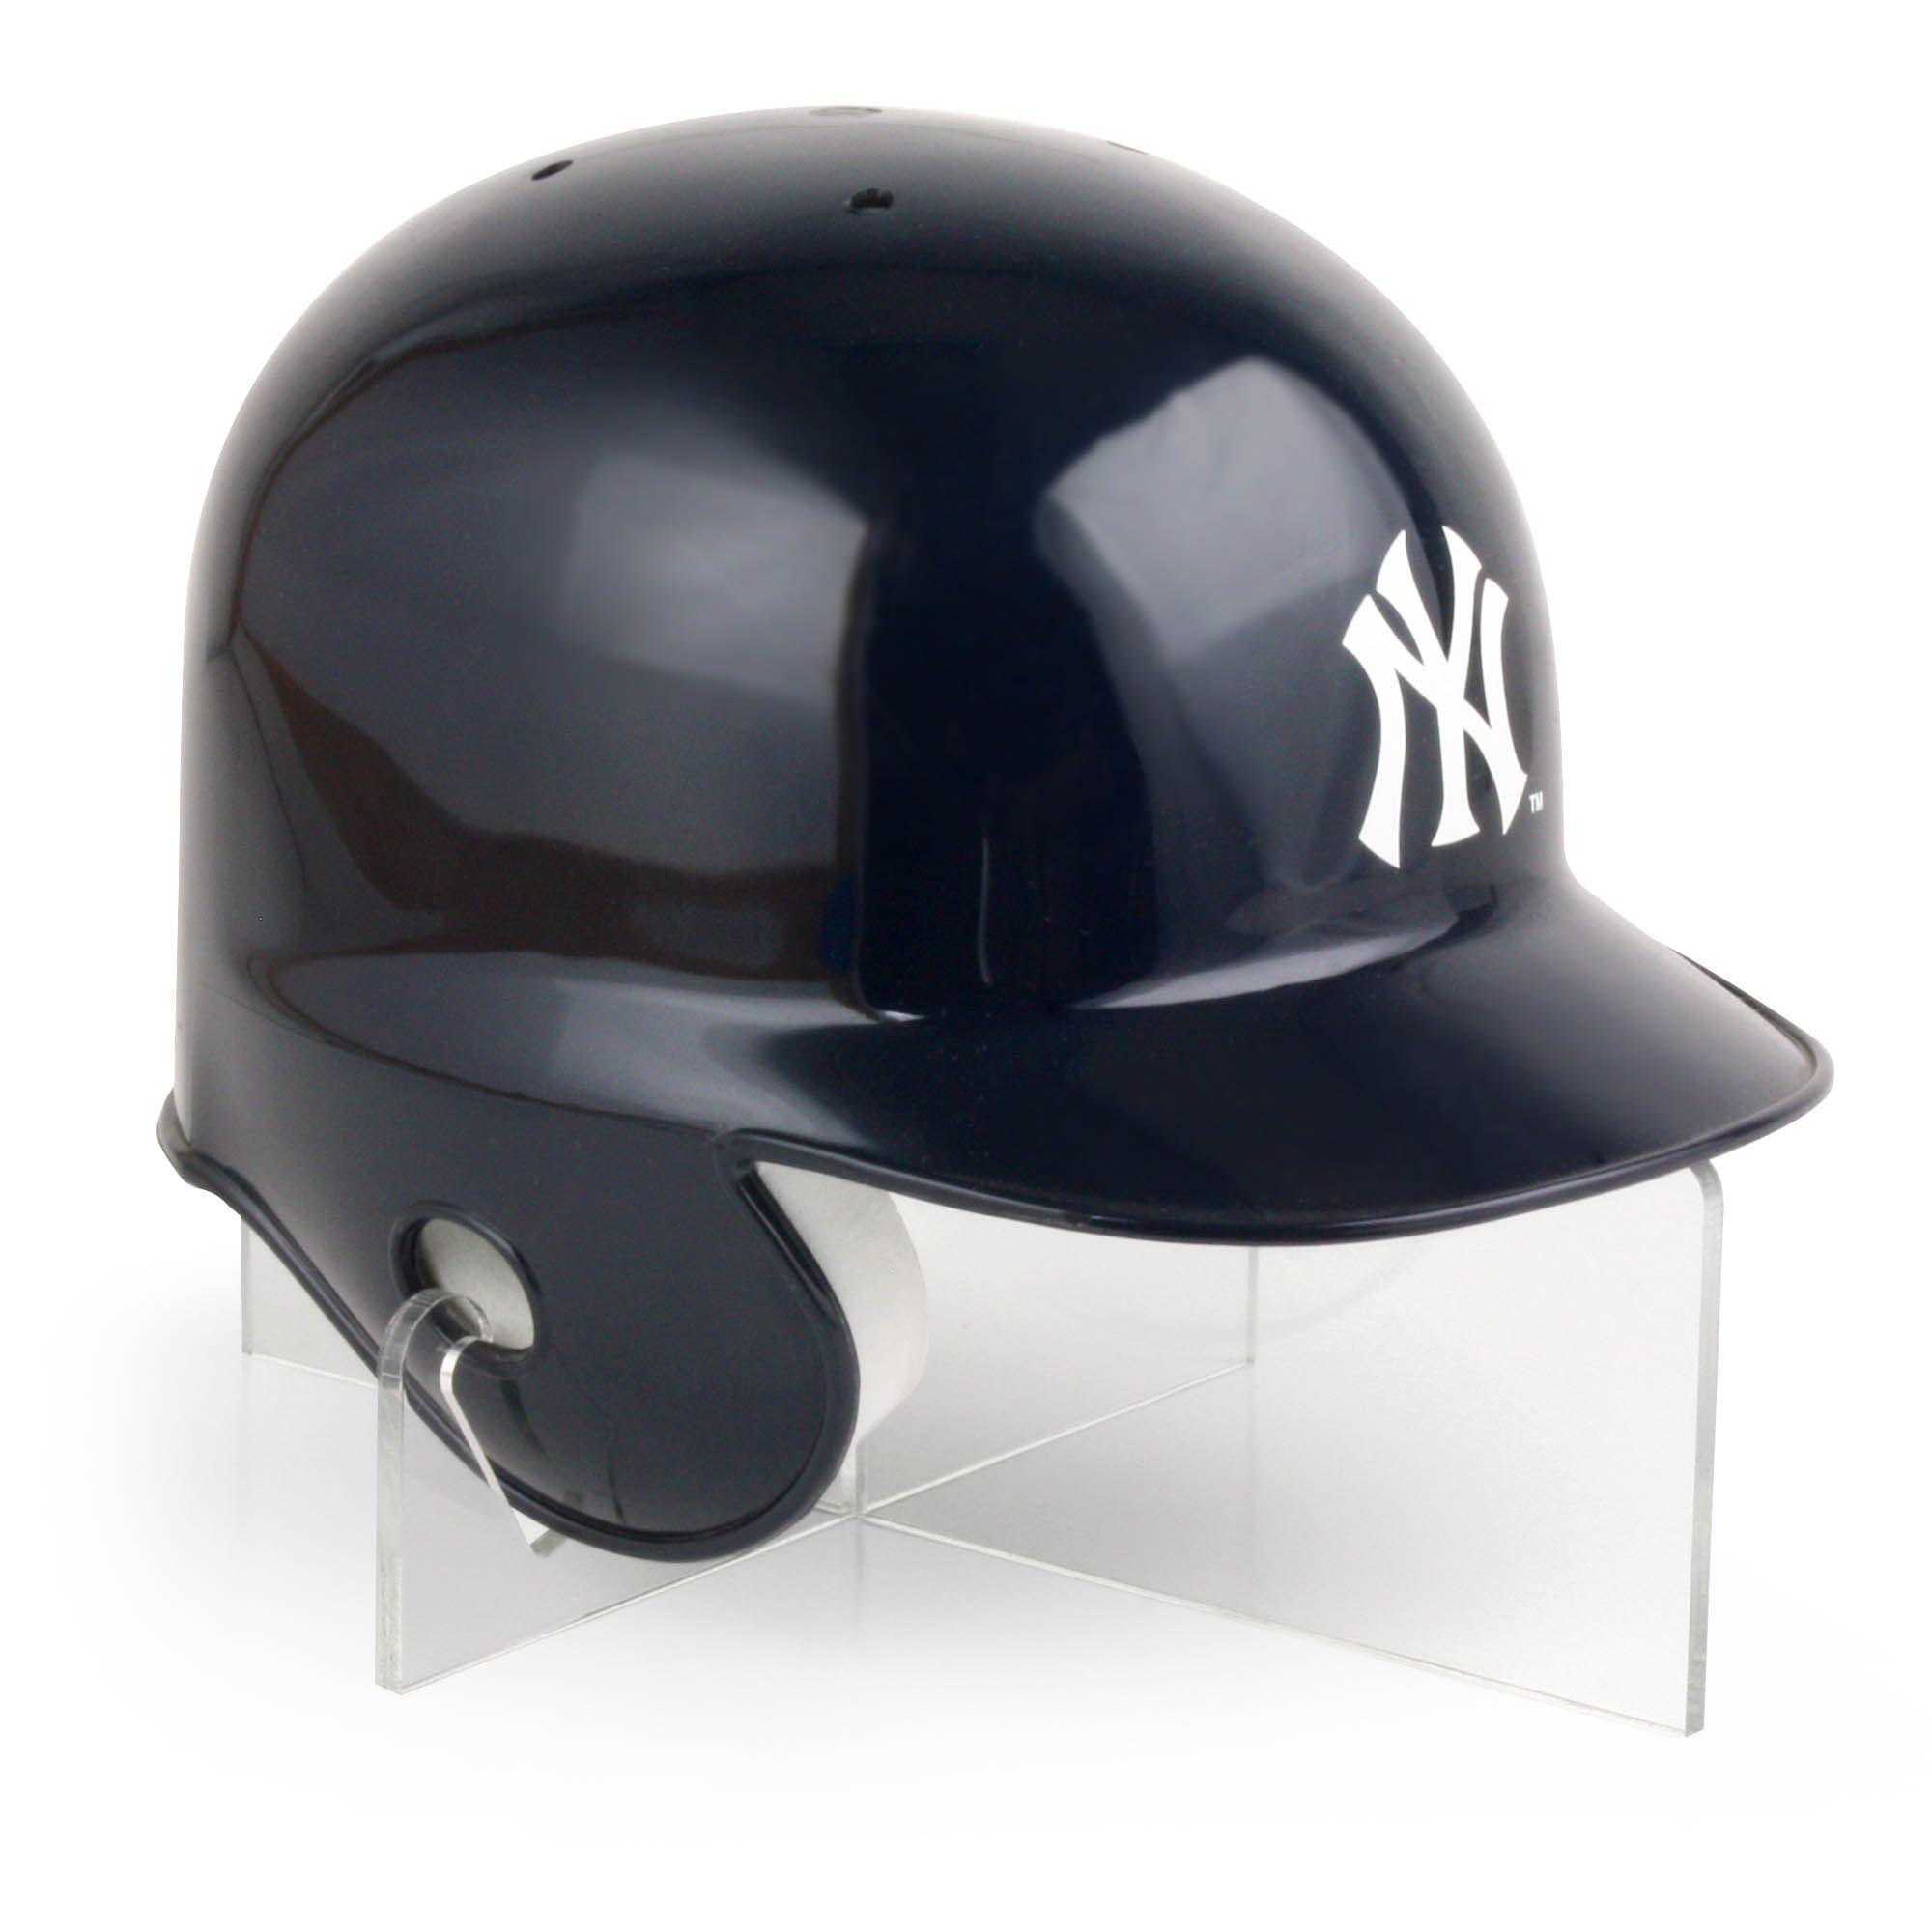 Acrylic Mini Baseball Helmet Display In 2020 Baseball Helmet Helmet Sports Memorabilia Display